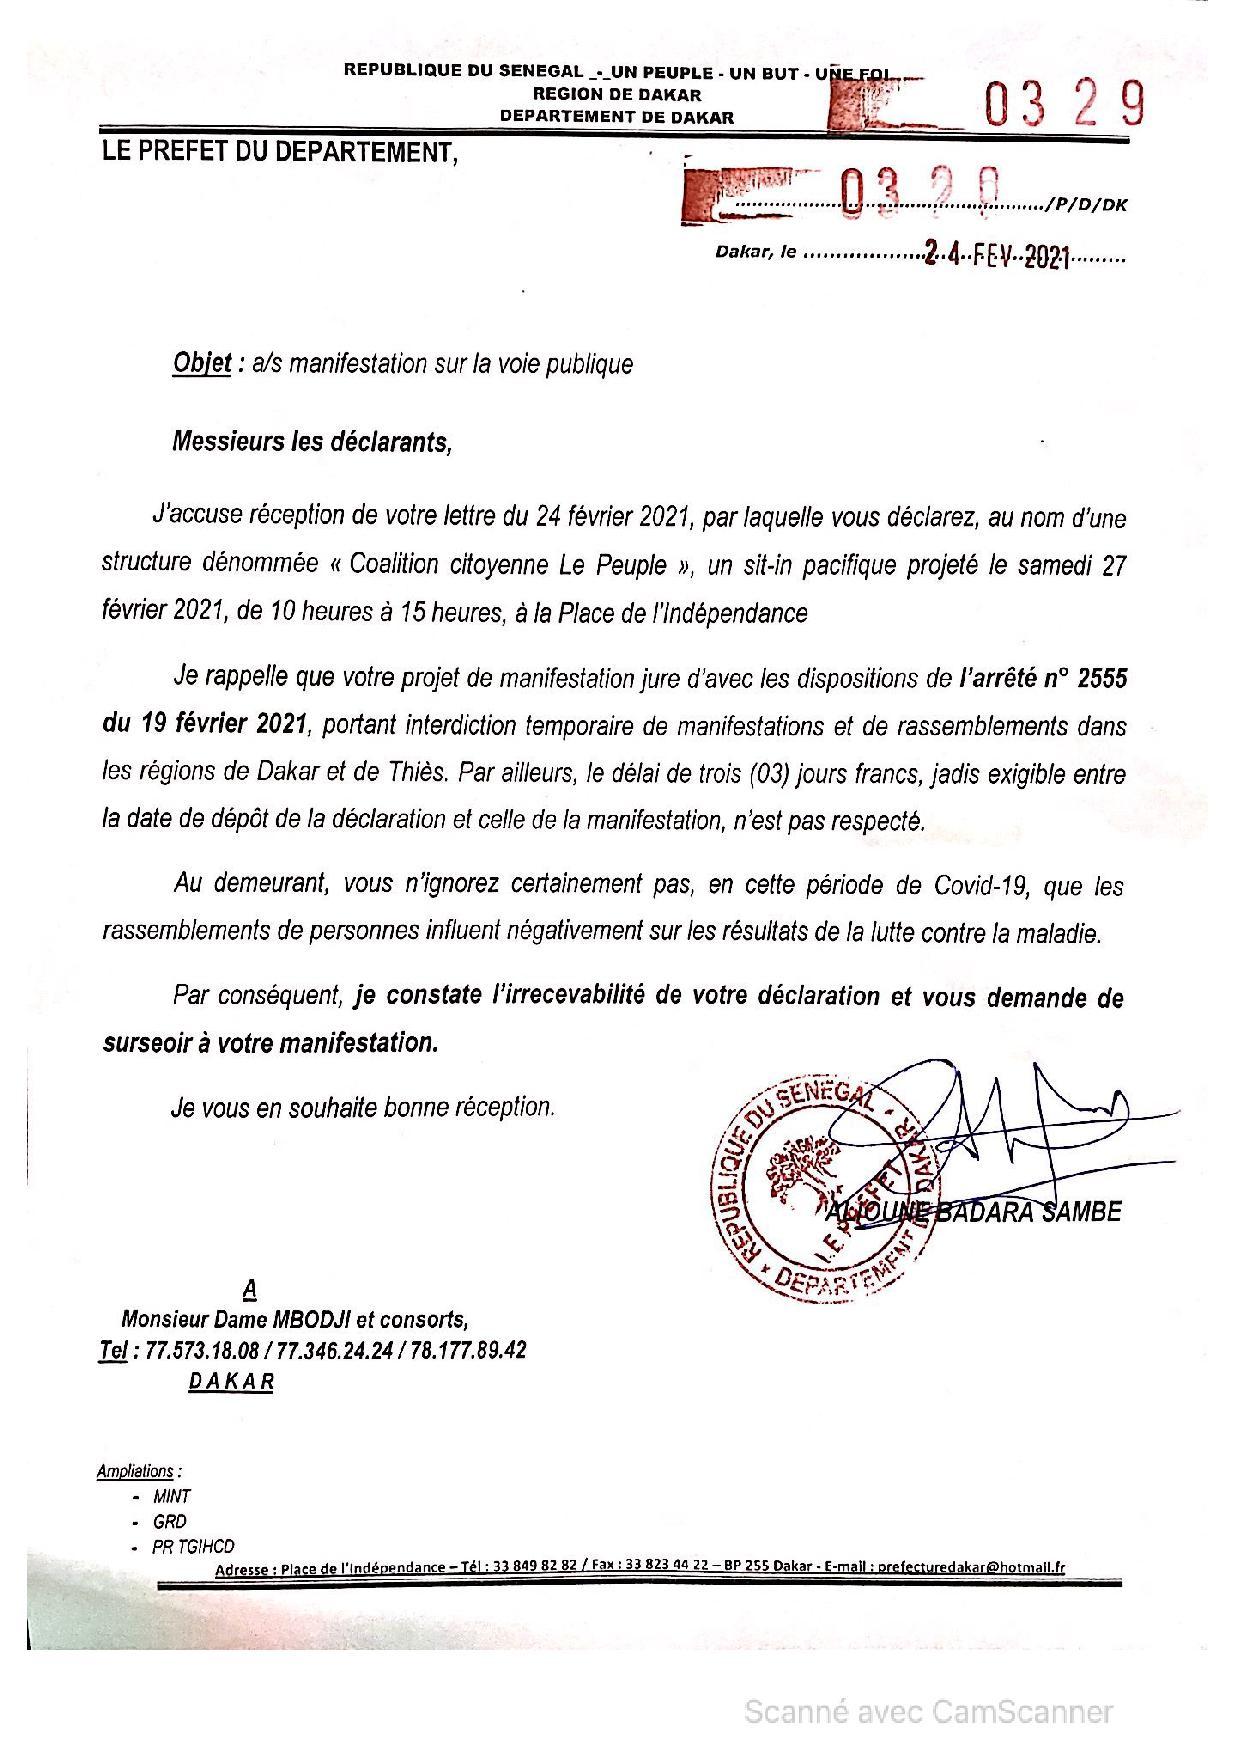 Covid-19: Le préfet de Dakar interdit la marche de Dame Mbodj et consorts...